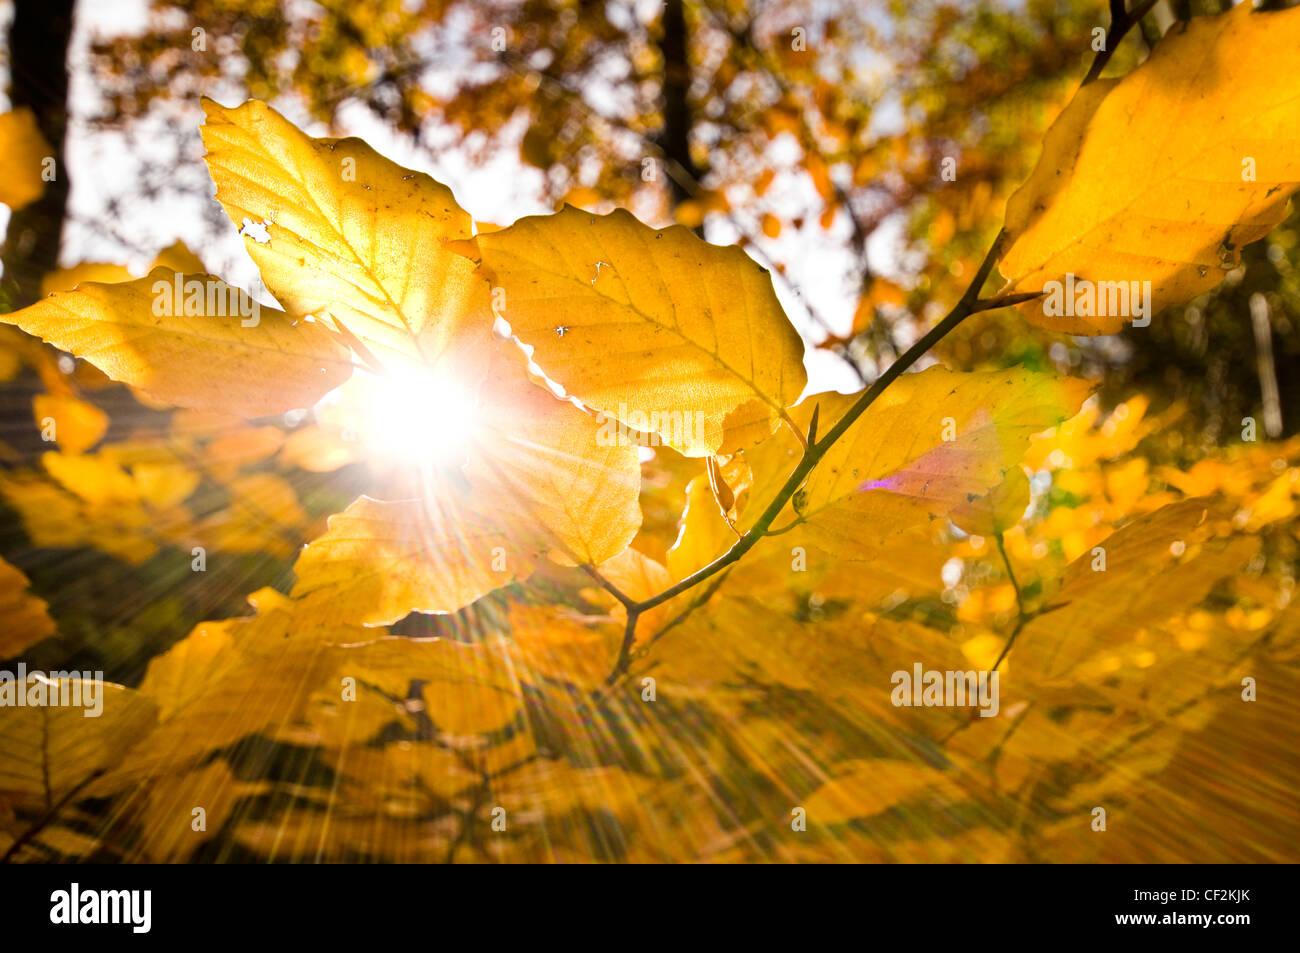 Soleil qui brille à travers les feuilles dorées d'un hêtre en automne. Photo Stock